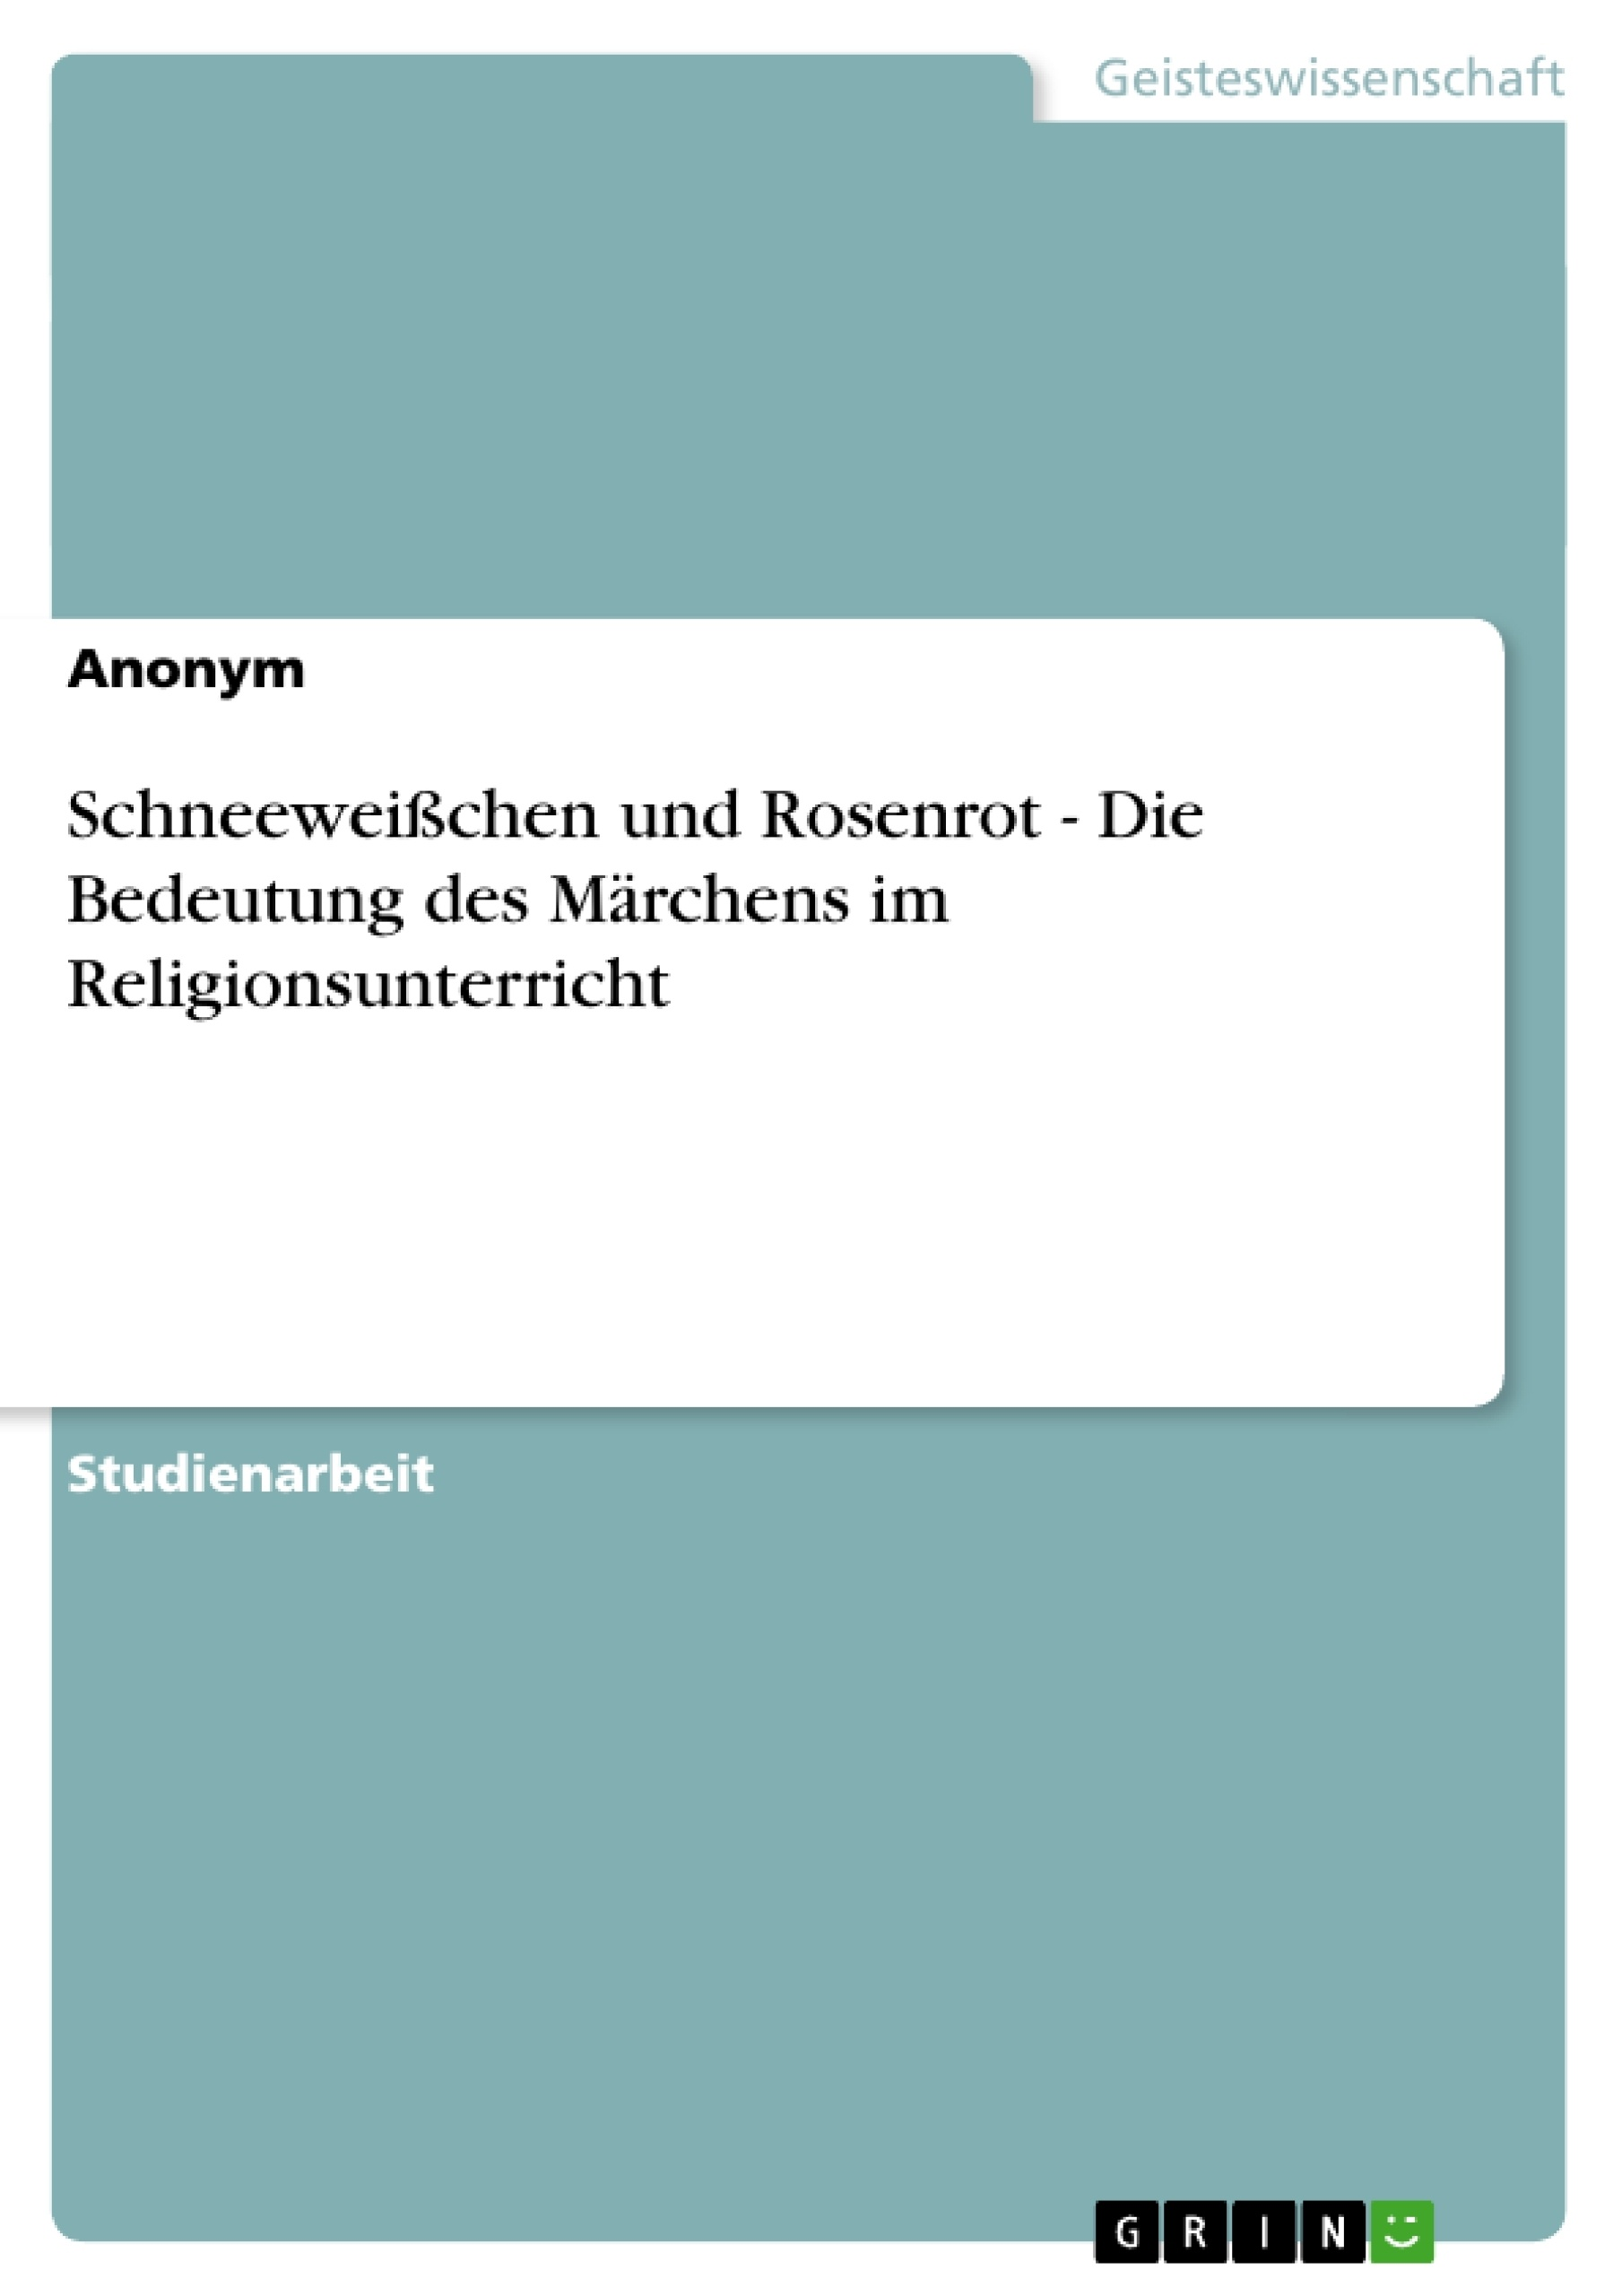 Titel: Schneeweißchen und Rosenrot - Die Bedeutung des Märchens im Religionsunterricht